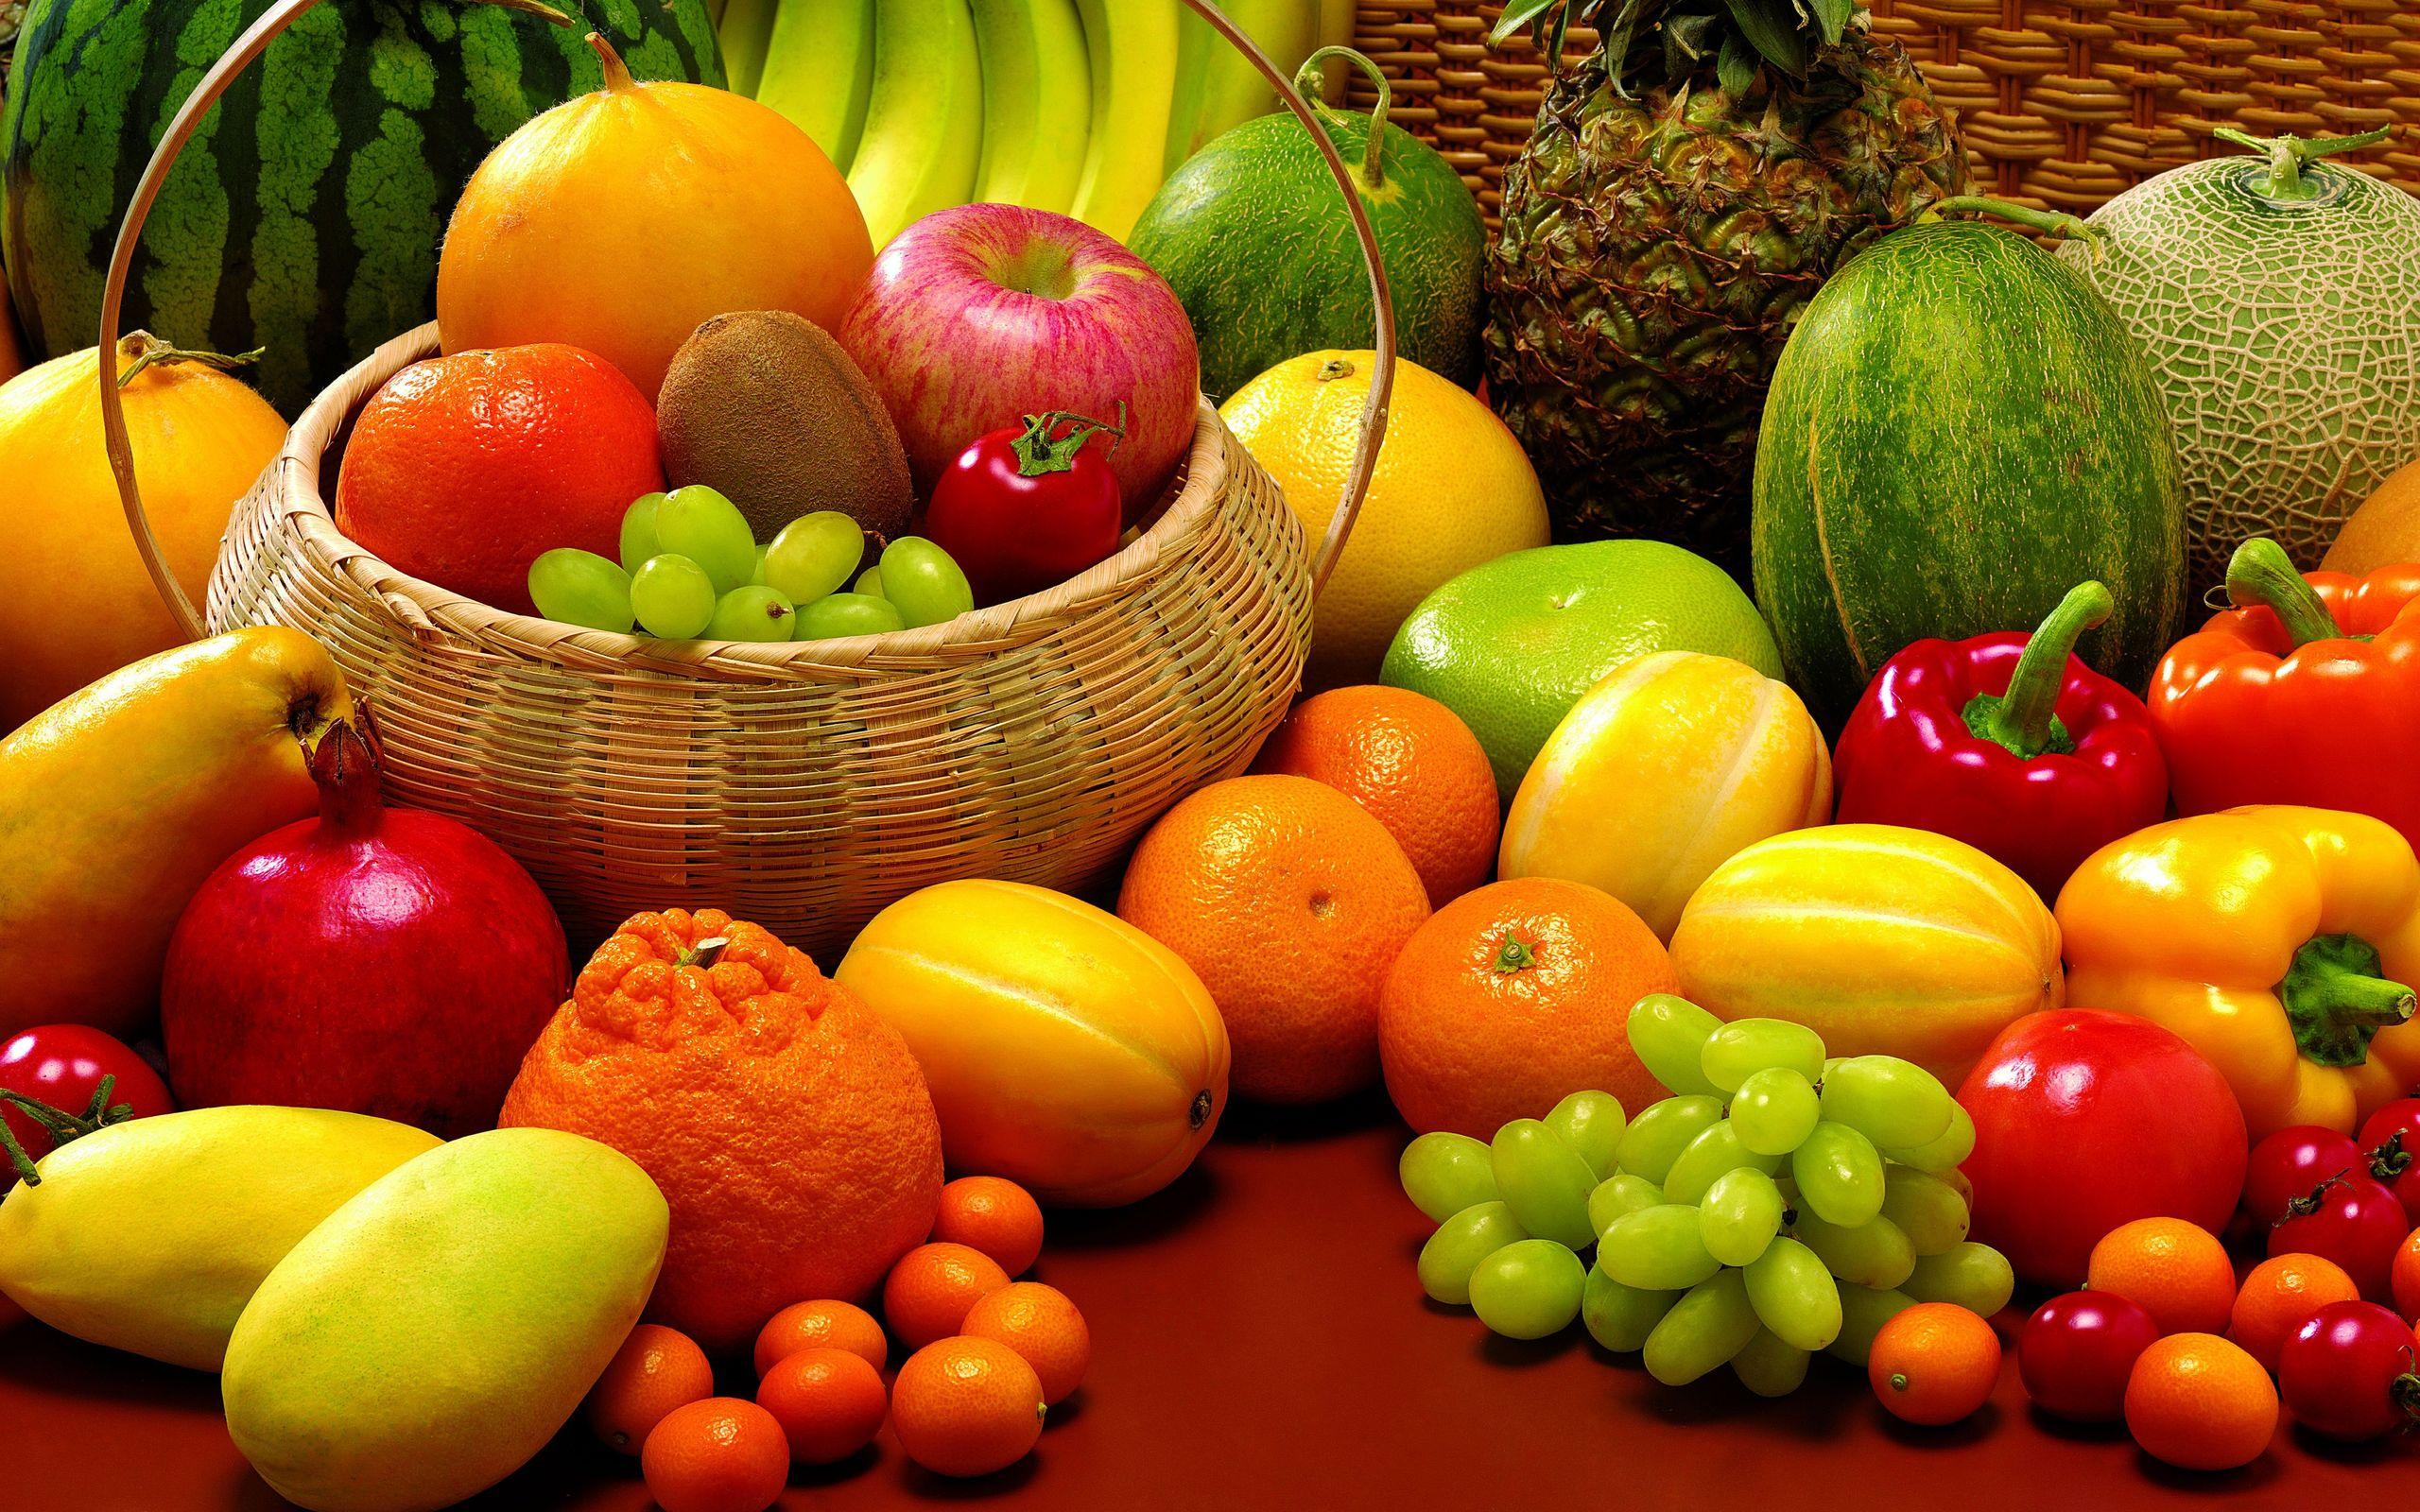 Fresh fruits wallpaper high resolution - Fruit Fresh Wallpaper Hd Photos